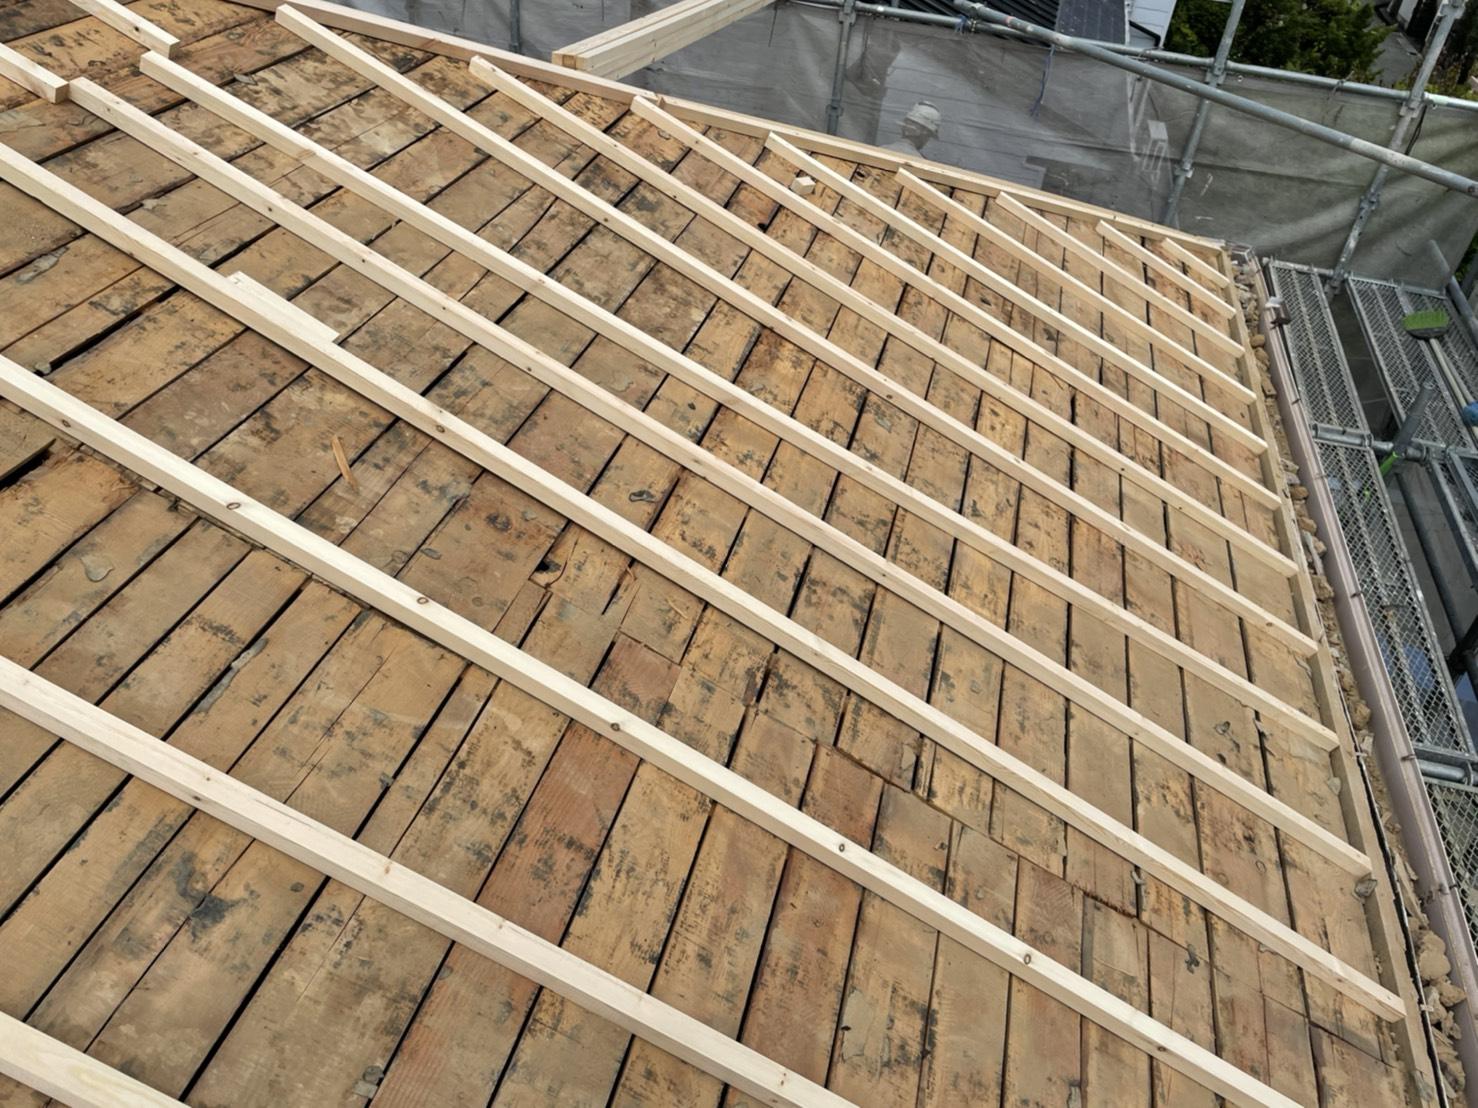 神戸市での屋根葺き直し工事で垂木を取り付けた様子